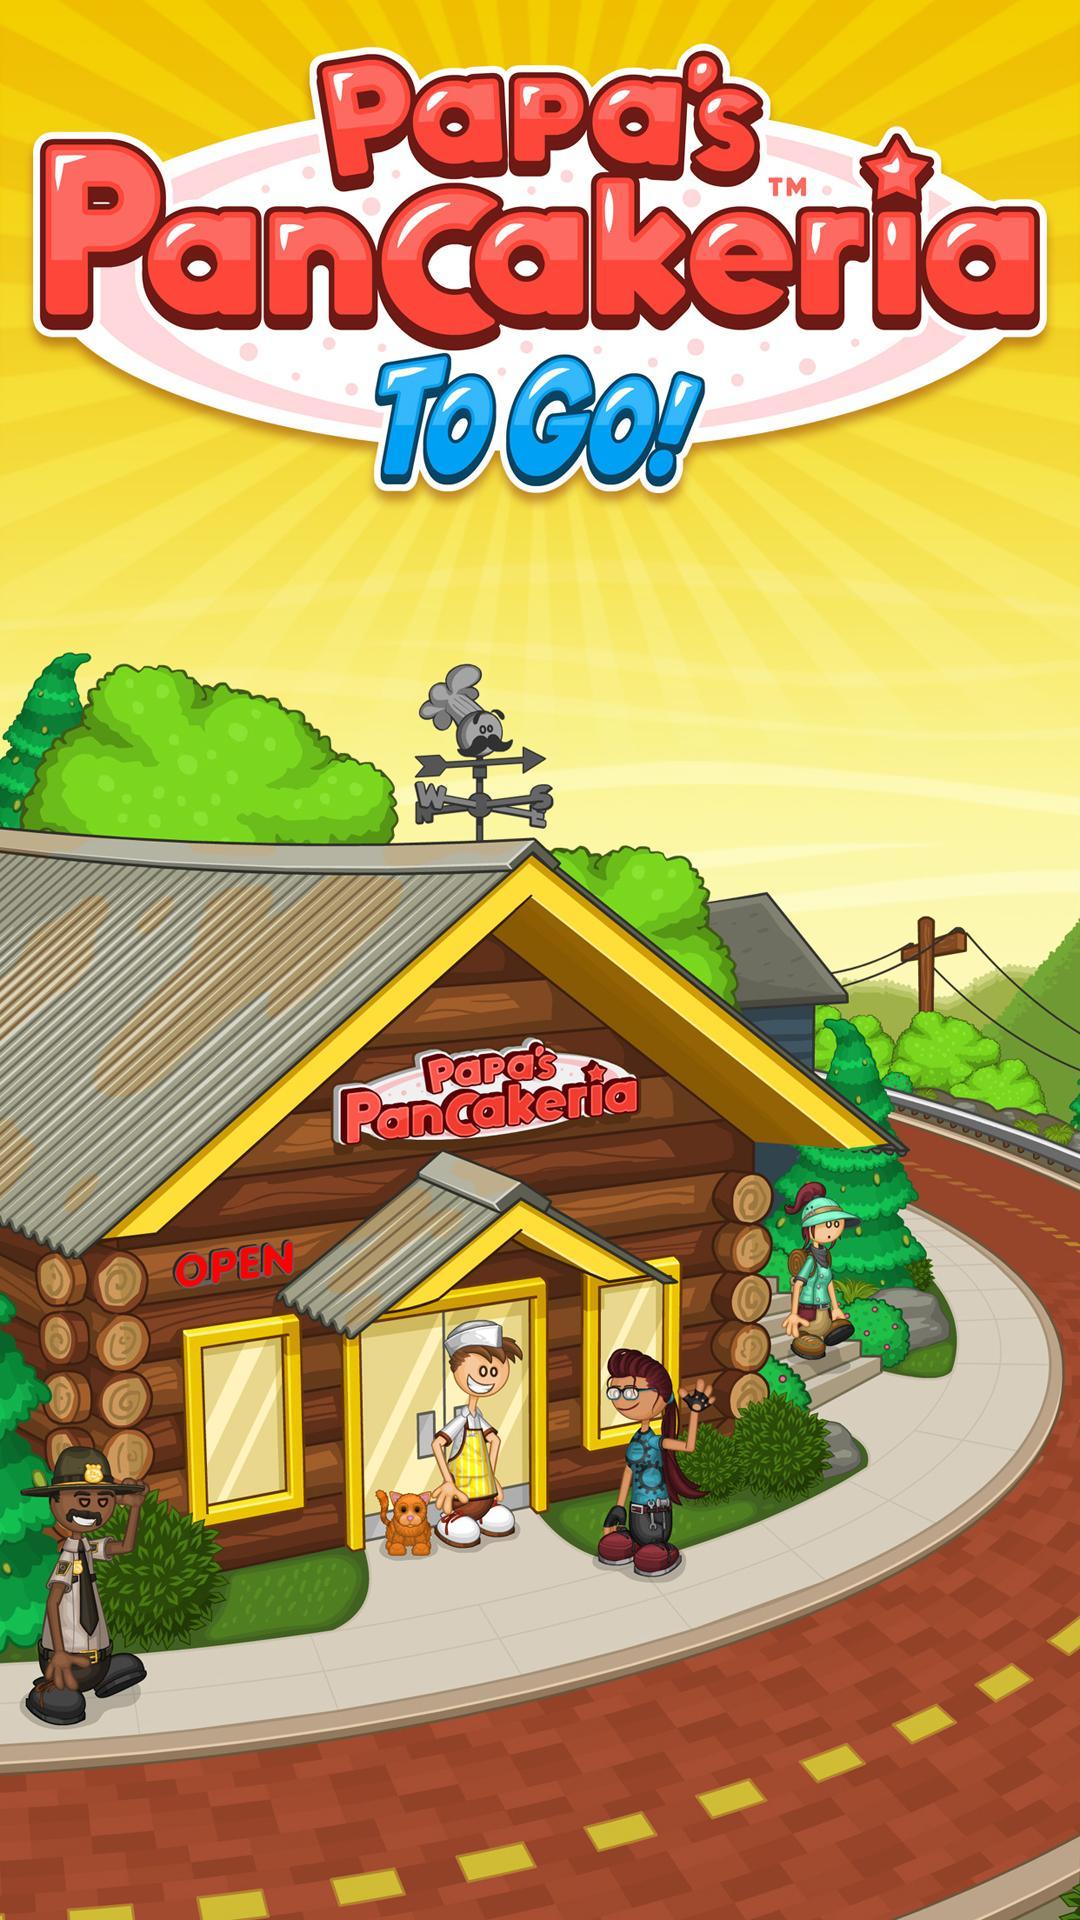 Go To Www Bing Com1 Microsoft Way Redmond: Download Papa's Pancakeria To Go! On PC With BlueStacks